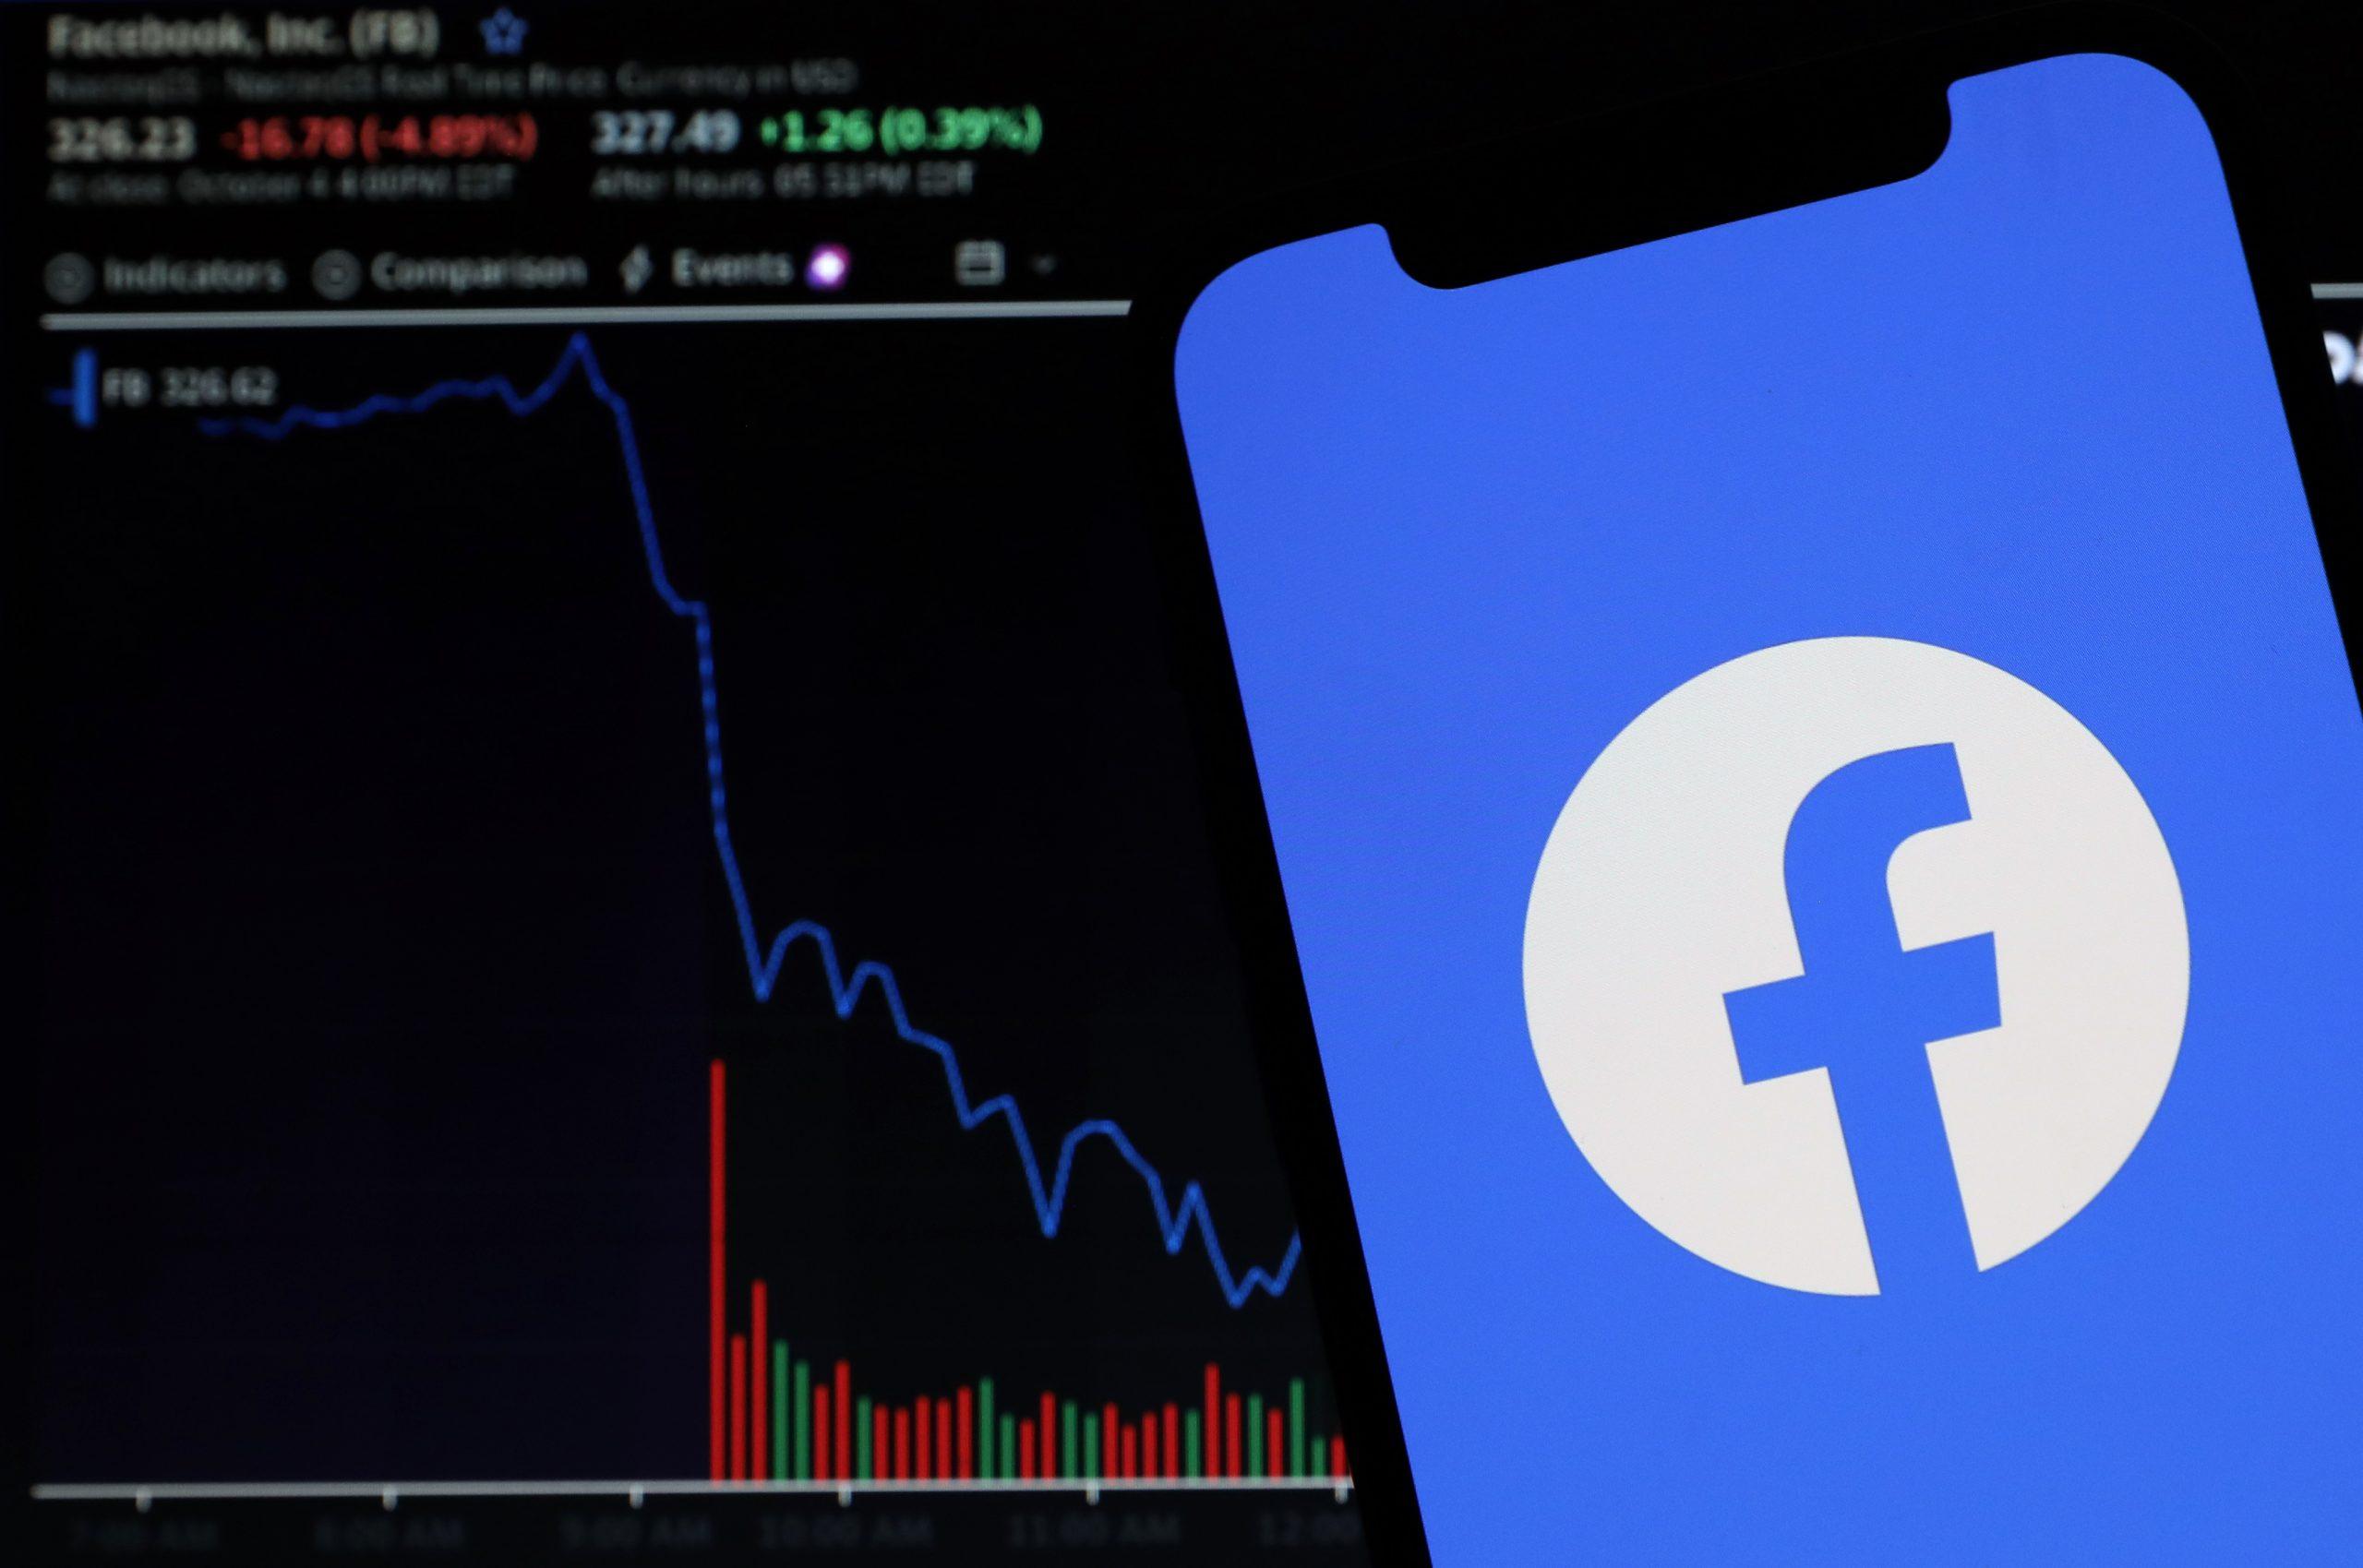 Chute des actions de Facebook en cas de panne